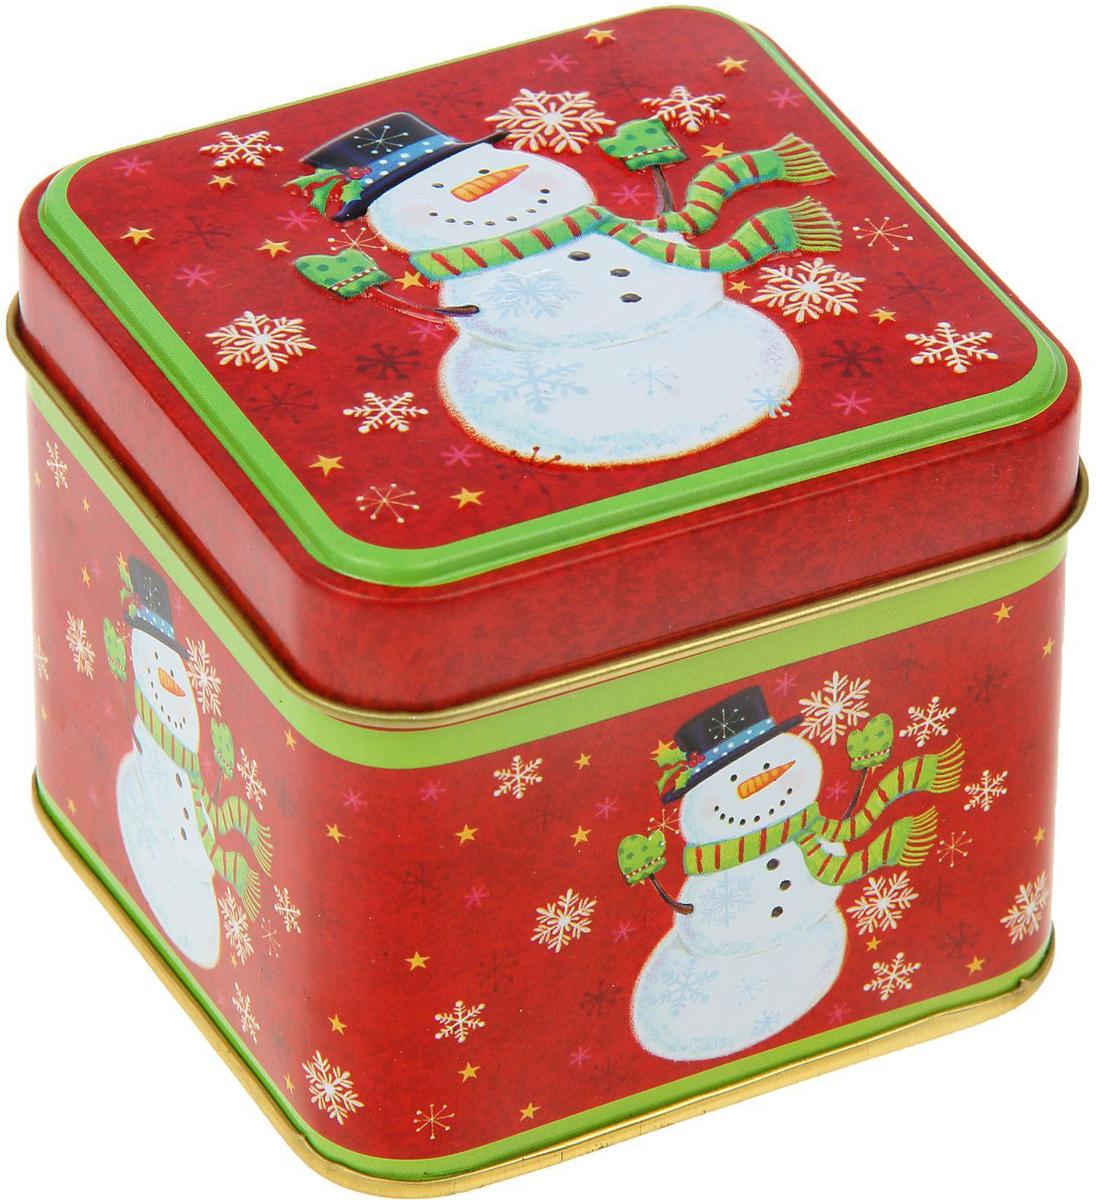 Шкатулка новогодняя Веселый снеговик, 6,5 х 7,5 х 7,5 см2266303Металлическая шкатулка — это небольшой сувенир, а также оригинальный способ преподнести в ней подарок. Ее новогодний дизайн передаст атмосферу праздника и зарядит хорошим настроением. Вещица сохранит различные мелочи, будь то украшения, коллекционные монетки, бусинки, фурнитура, сбережения или даже сладости.